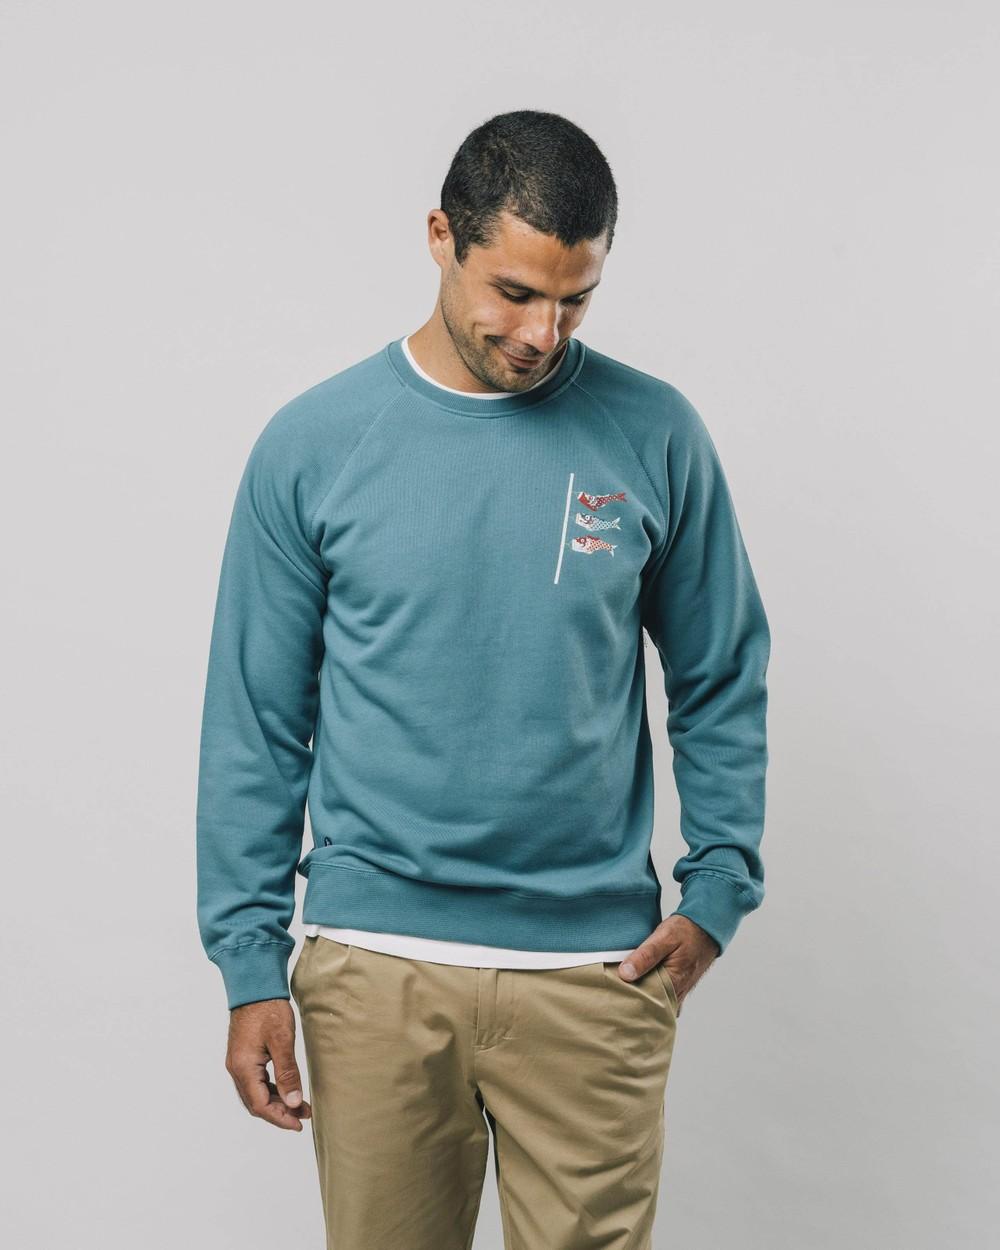 Koinobori kite sweatshirt - Brava Fabrics